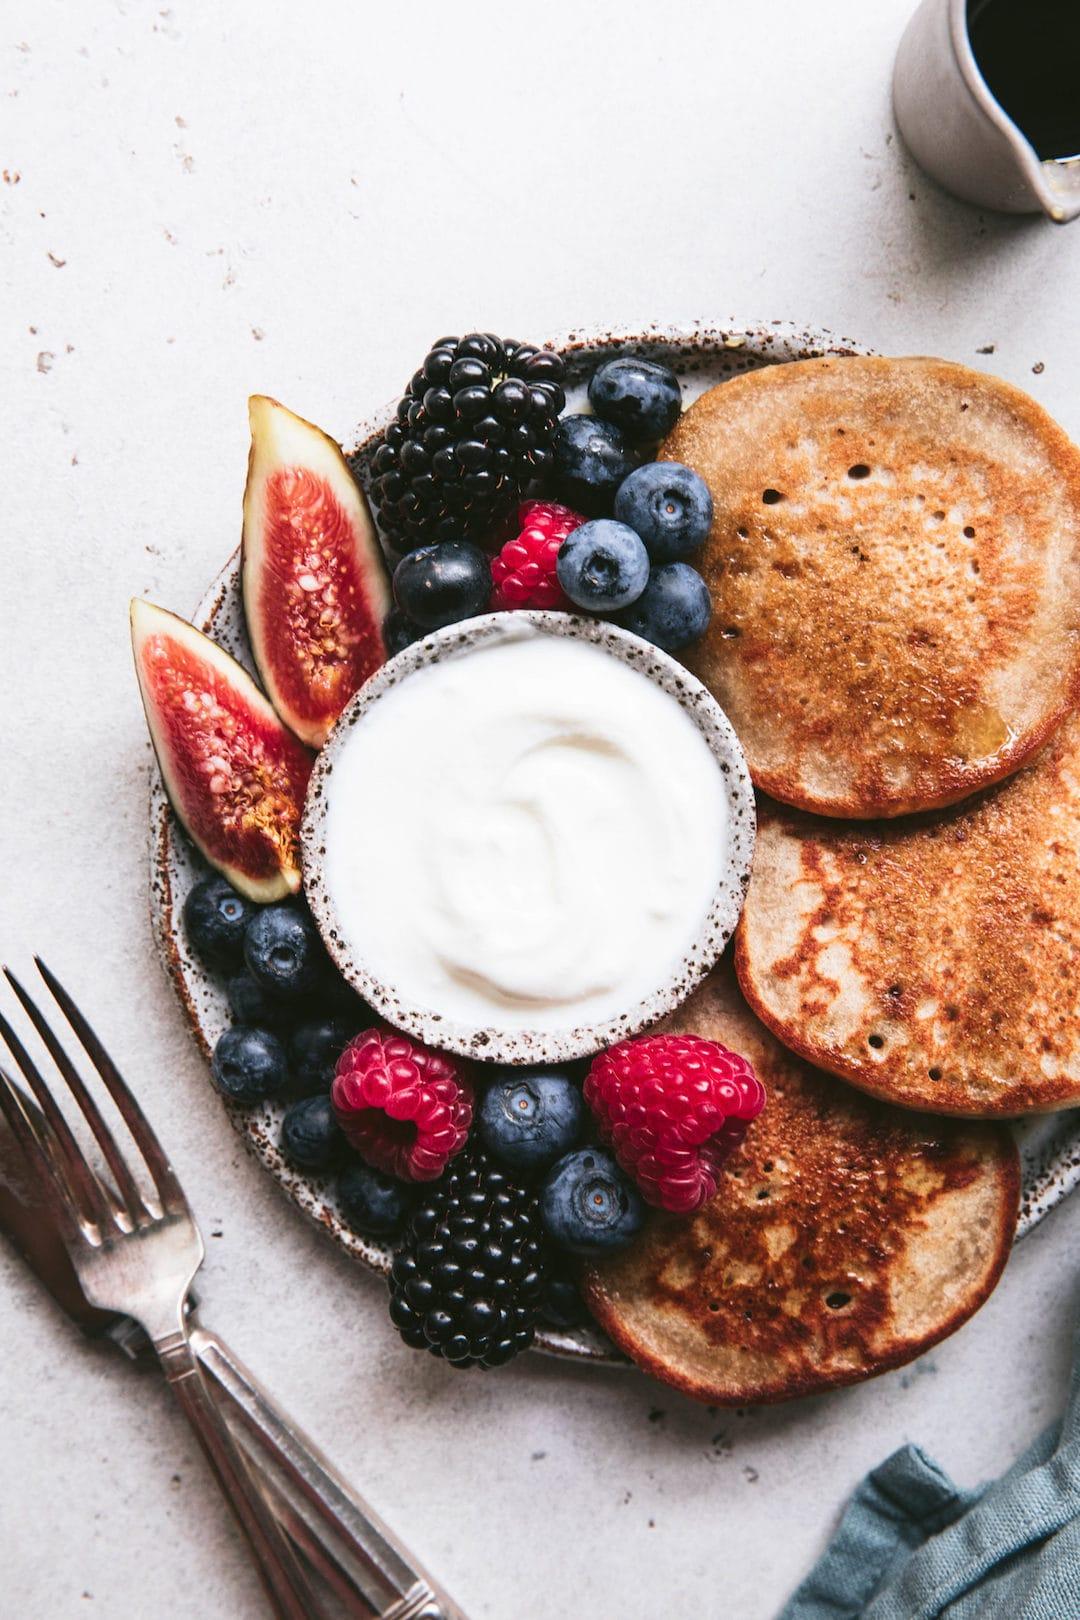 17 Low FODMAP Breakfast Ideas - Buckwheat Pancakes